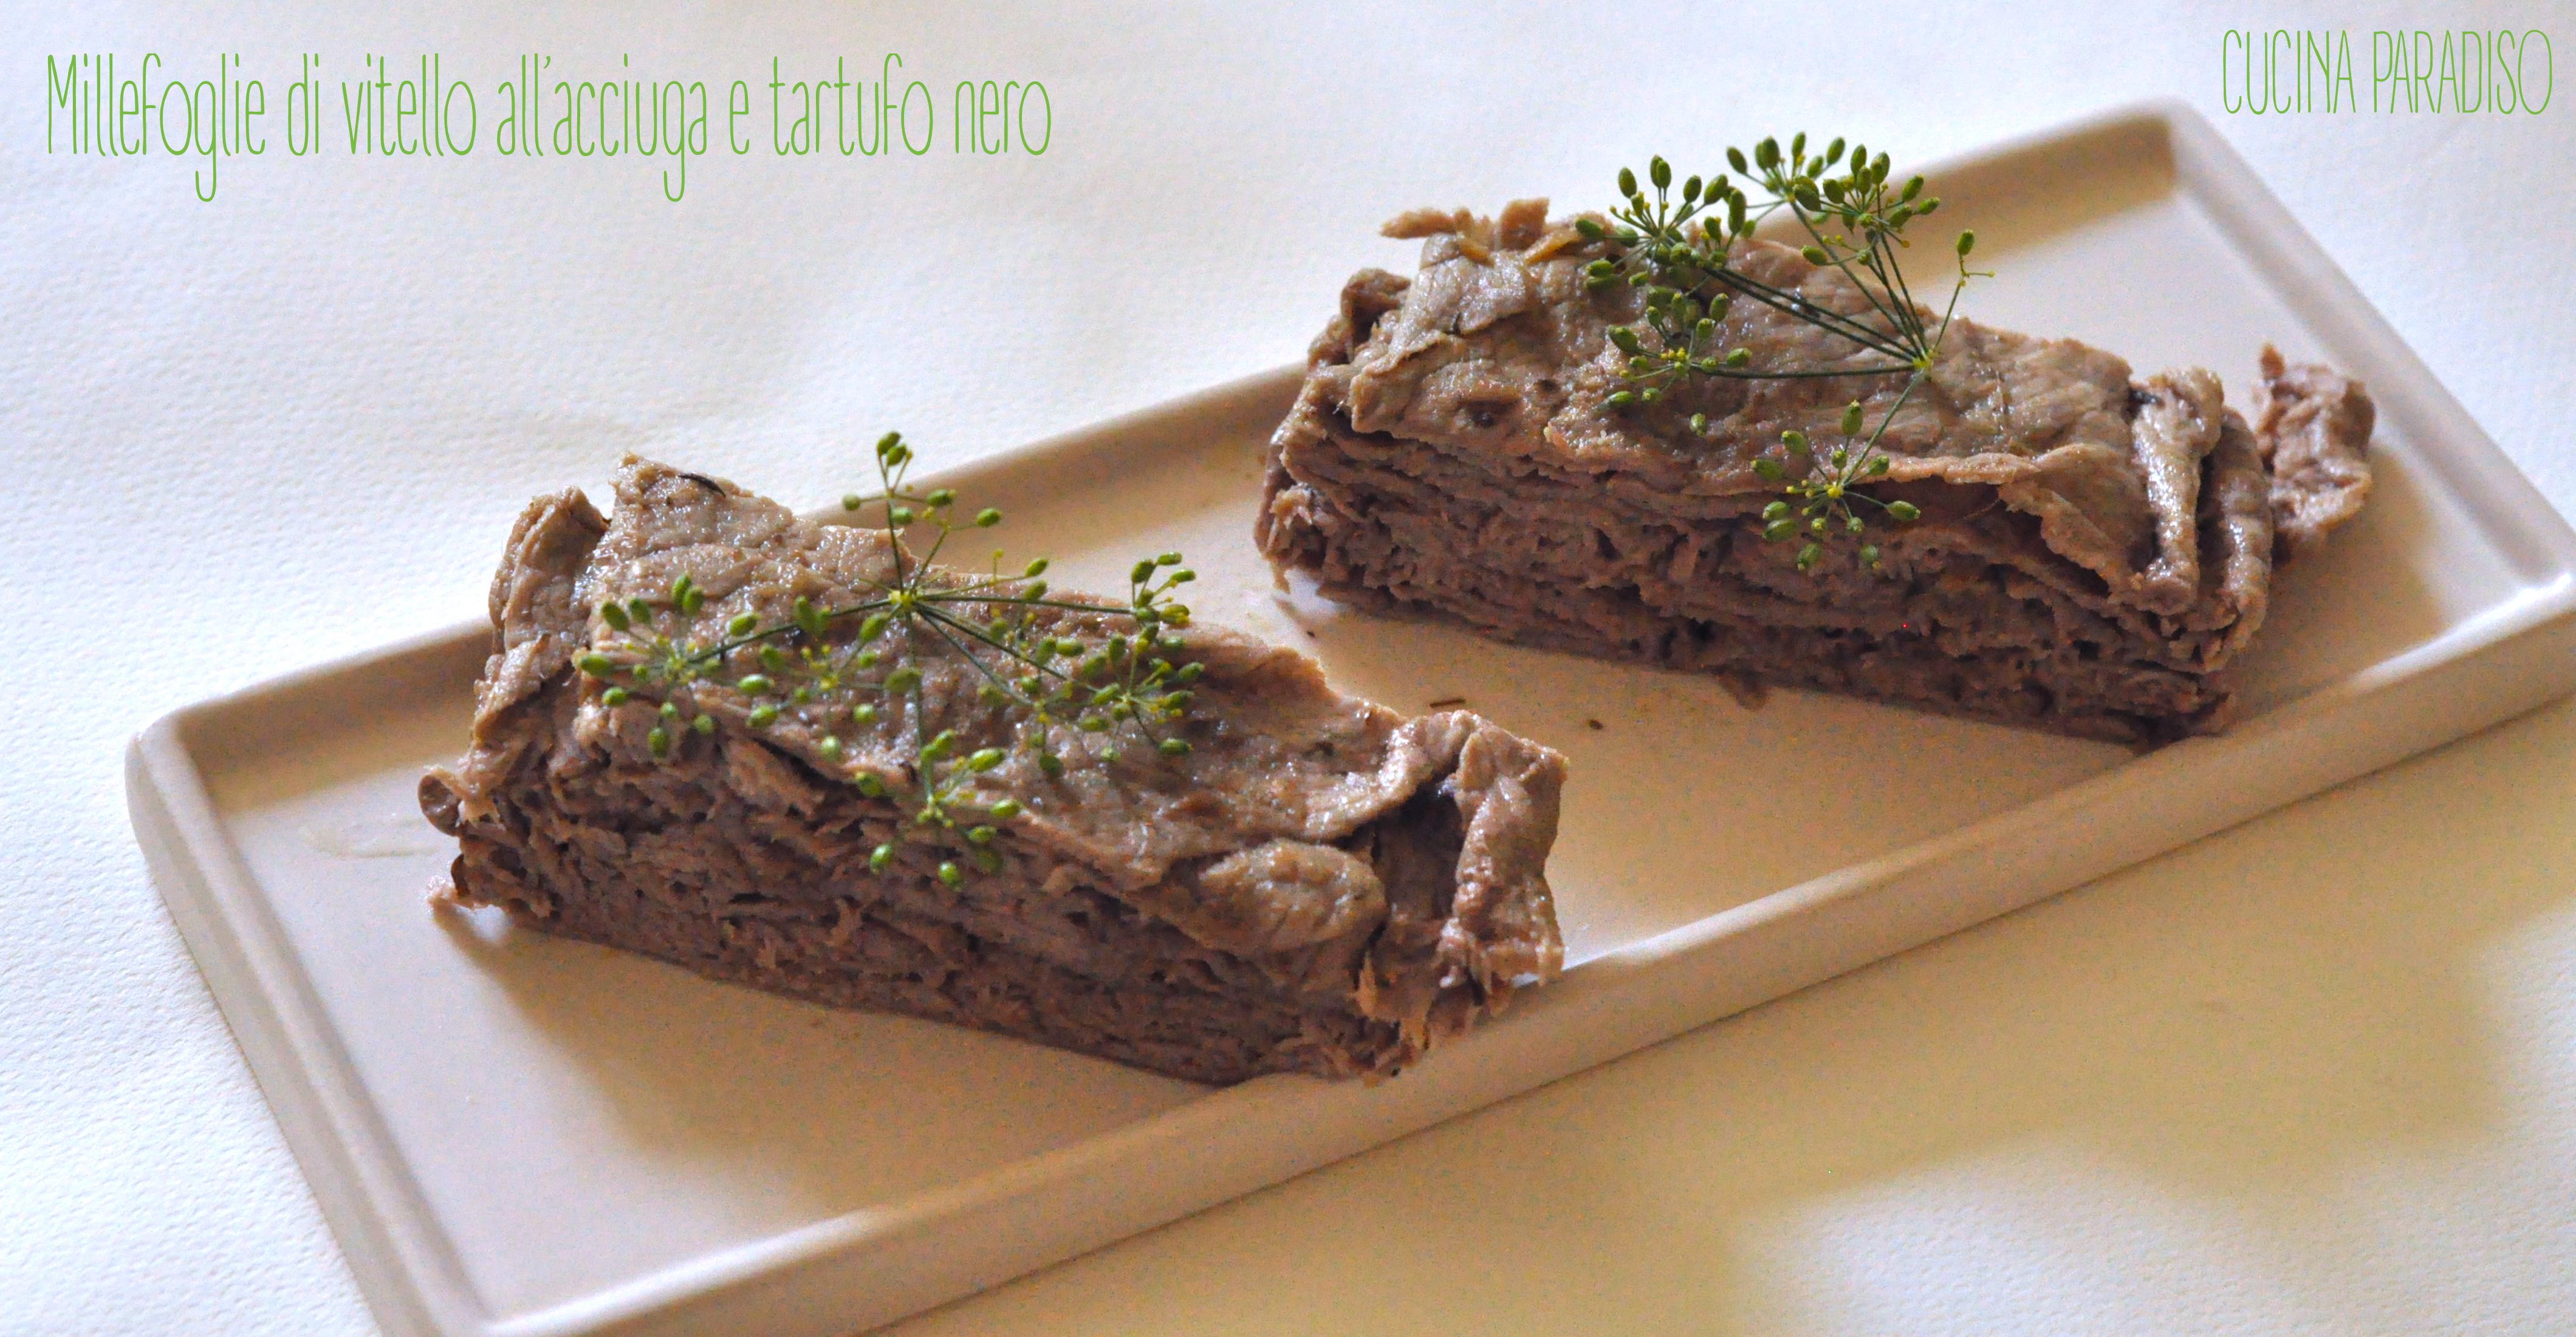 Millefoglie di vitello all'acciuga e tartufo nero2